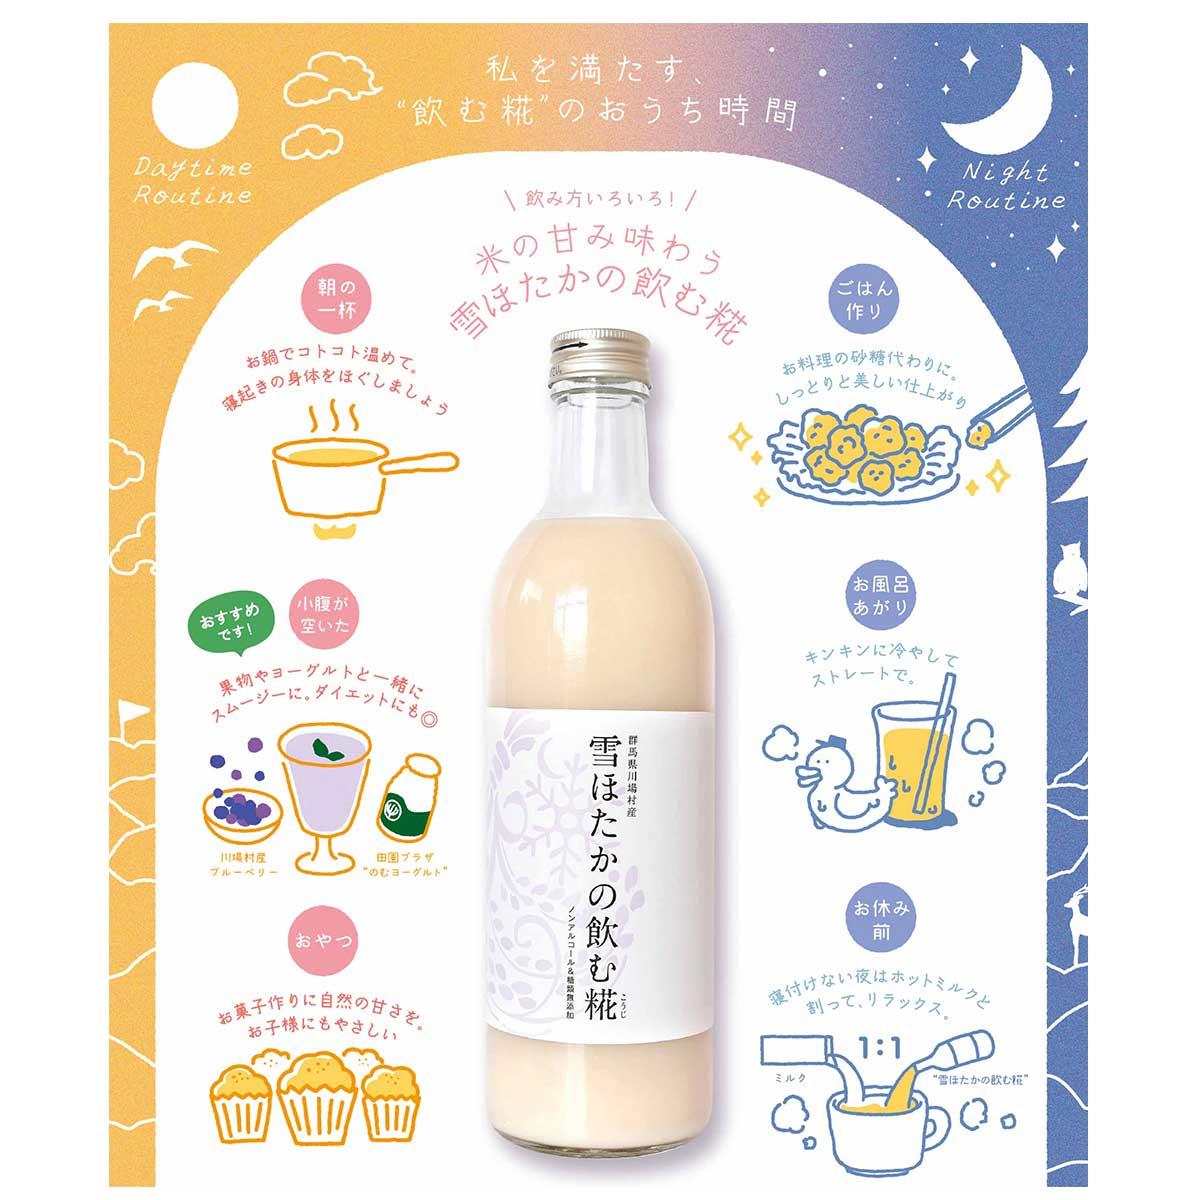 群馬県名産 かわば 米の甘みを味わう ノンアルコール甘酒 雪ほたかの飲む糀6本セット 〔500ml×6本〕 <TVで紹介>